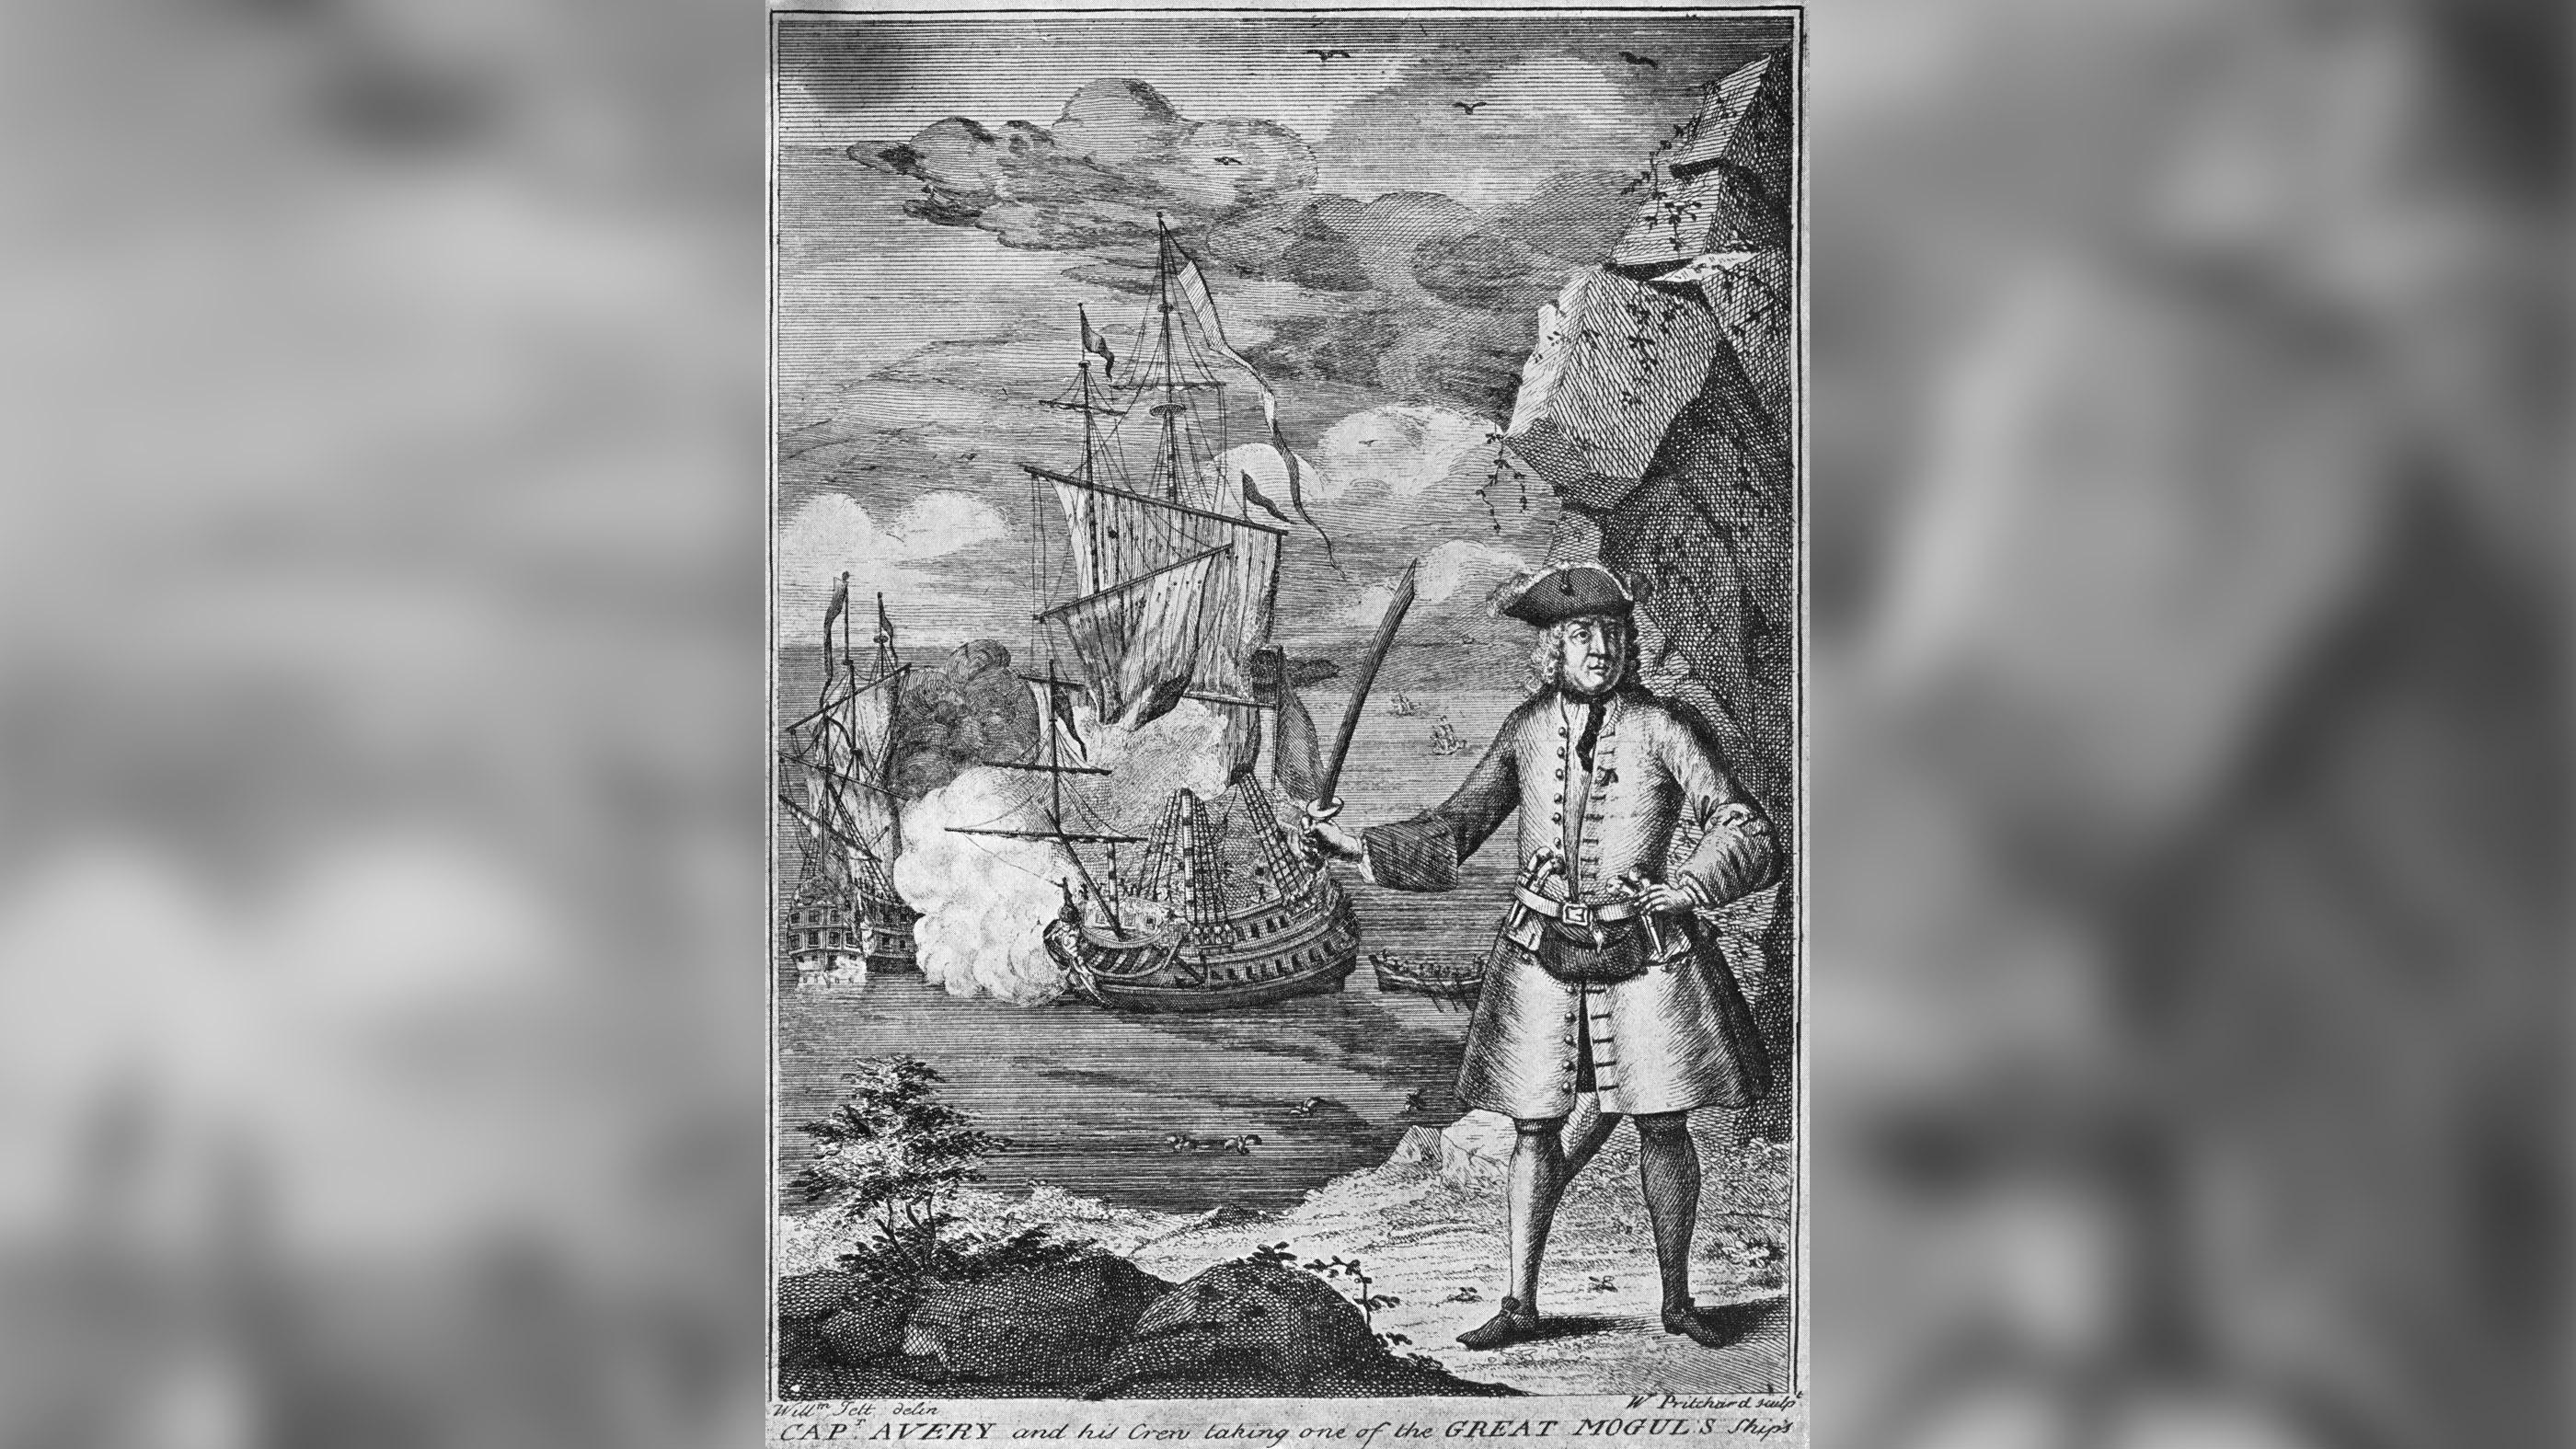 Le capitaine Henry Every et son équipage prennent l'un des navires du Great Mogul dans cette illustration.